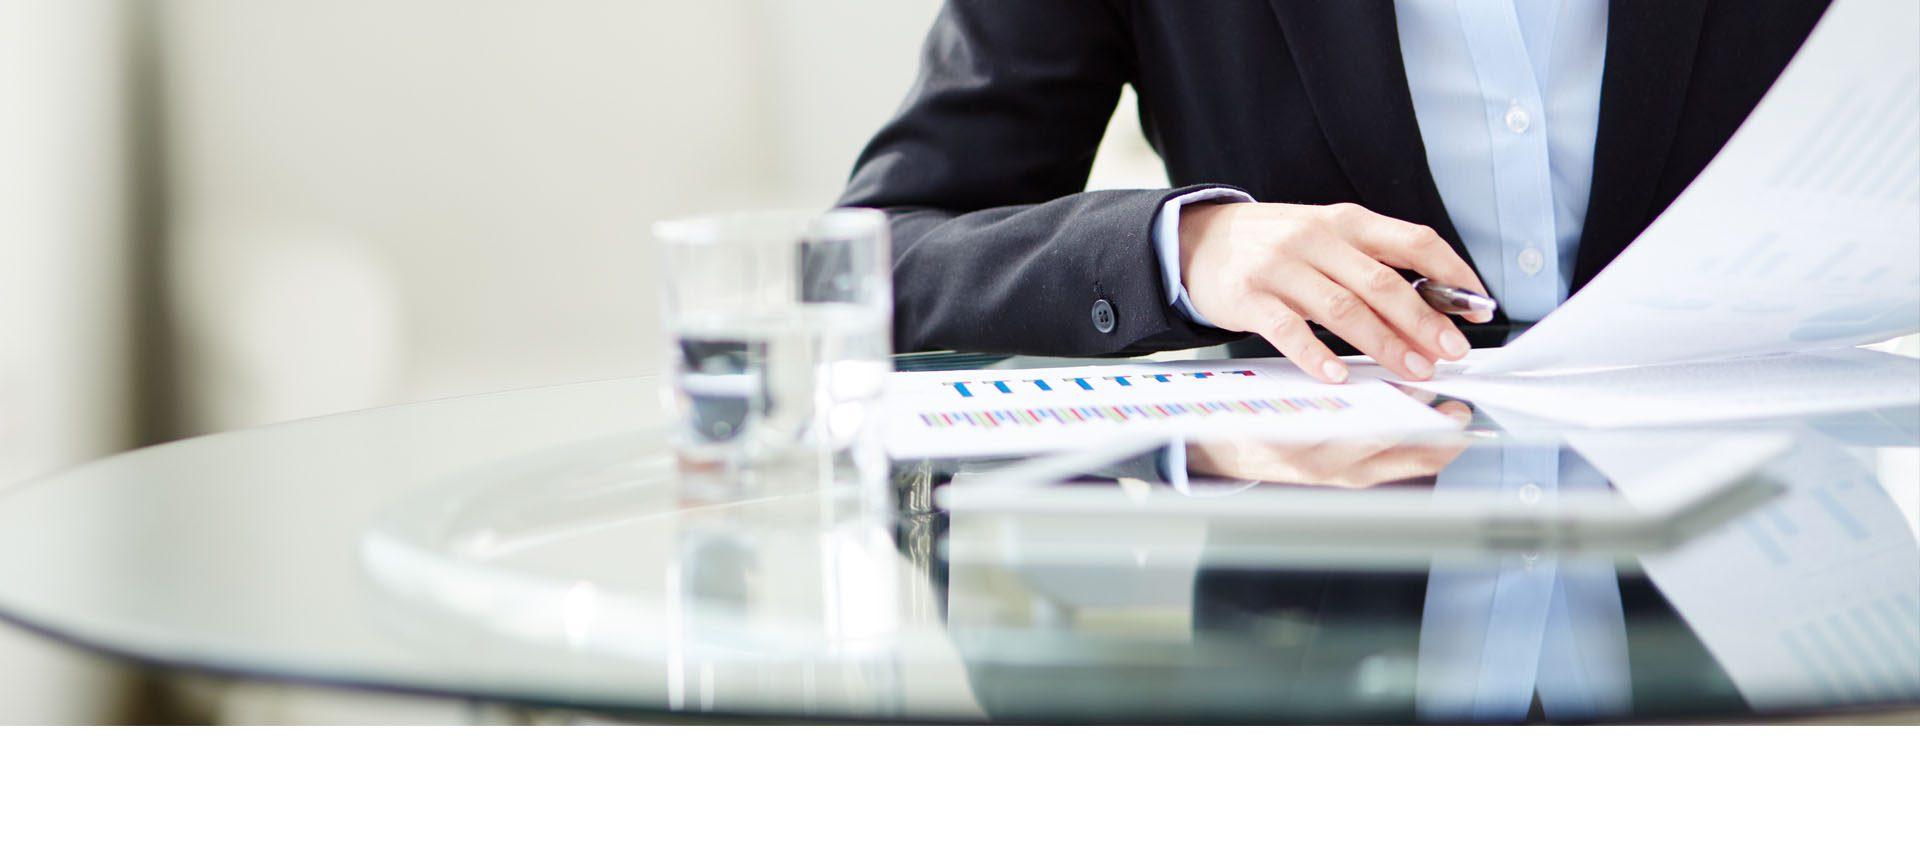 papper på ett glasbord